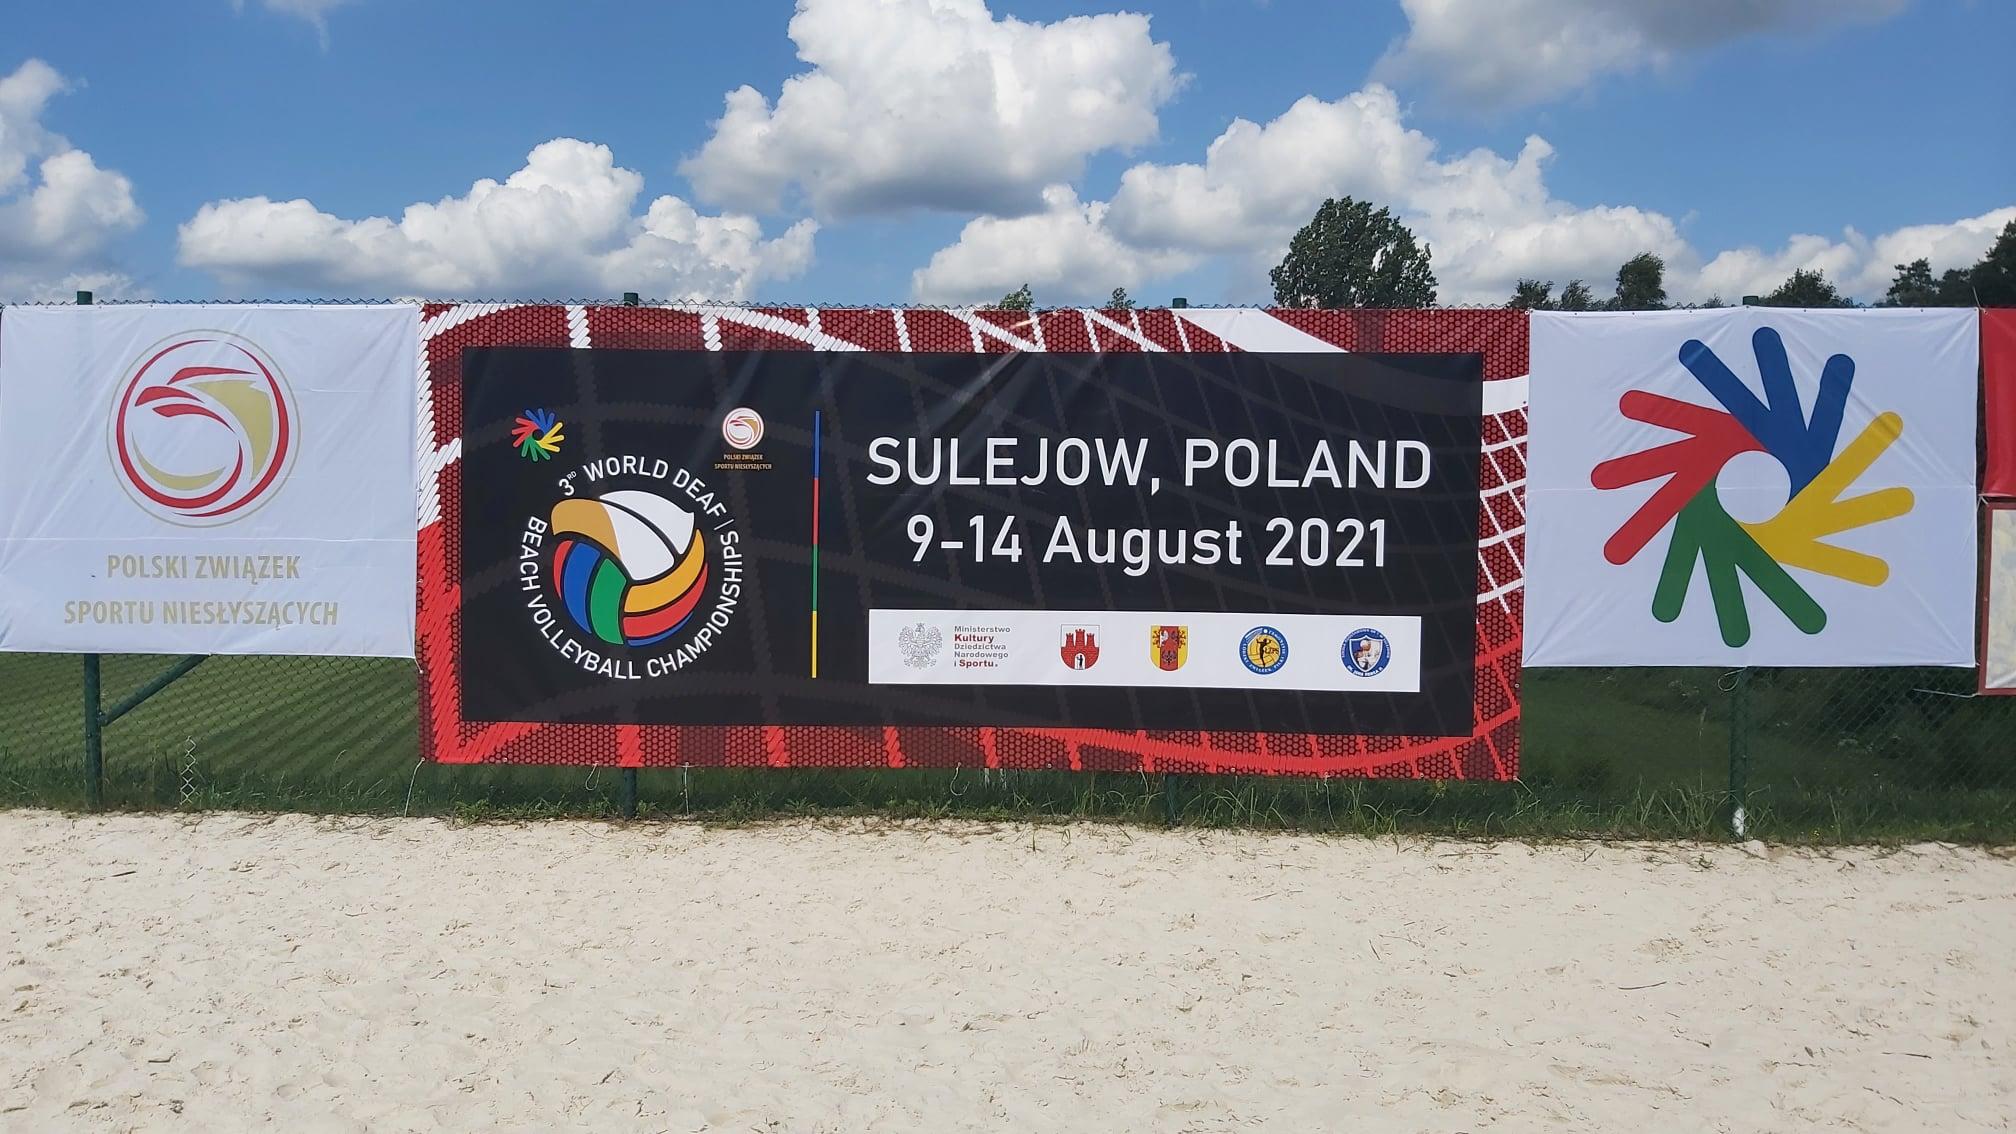 Чемпіонат світу 2021 з пляжного волейболу серед глухих спортсменів